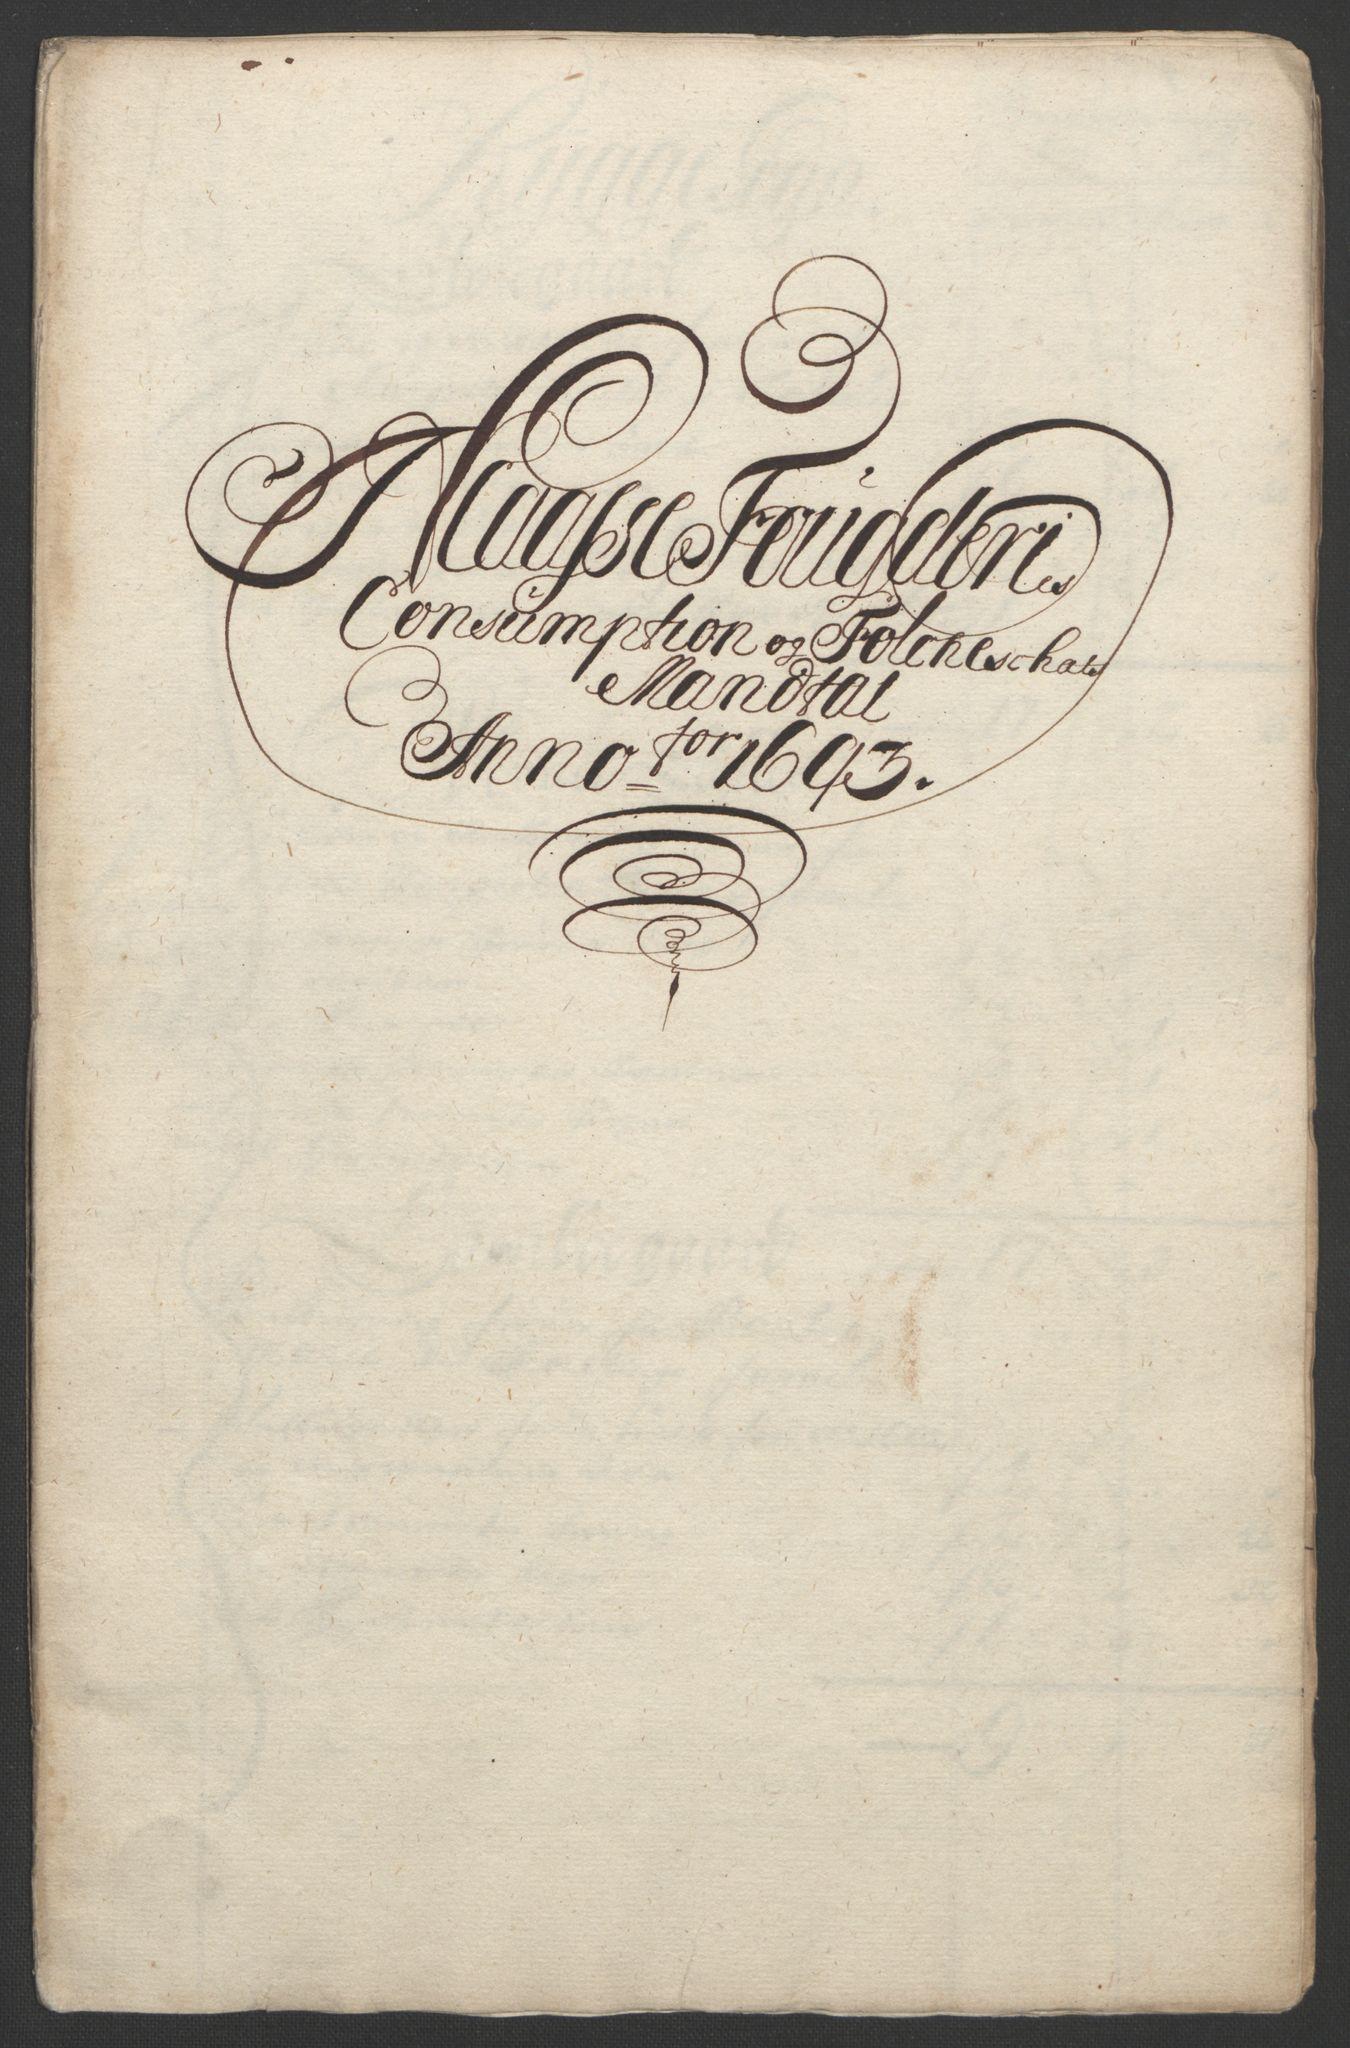 RA, Rentekammeret inntil 1814, Reviderte regnskaper, Fogderegnskap, R02/L0108: Fogderegnskap Moss og Verne kloster, 1692-1693, s. 331